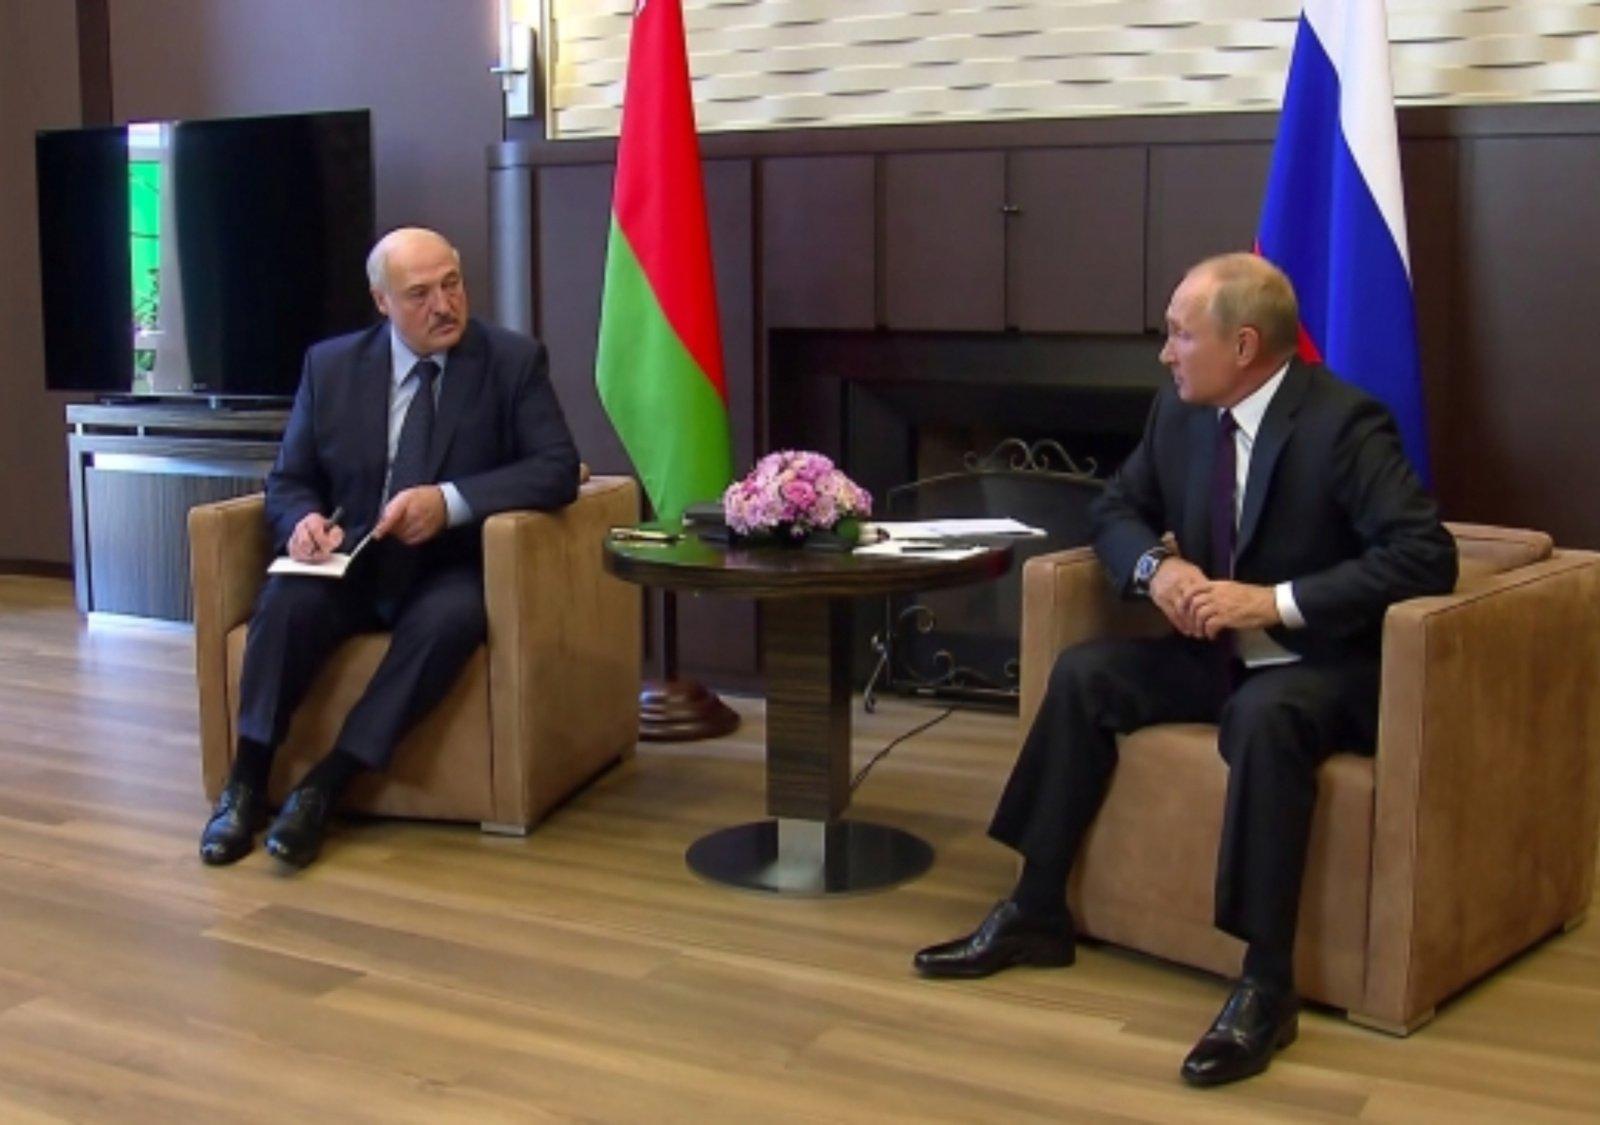 V. Putinas išreiškė paramą artimesnius Minsko ir Maskvos ryšius žadėjusiam A. Lukašenkai